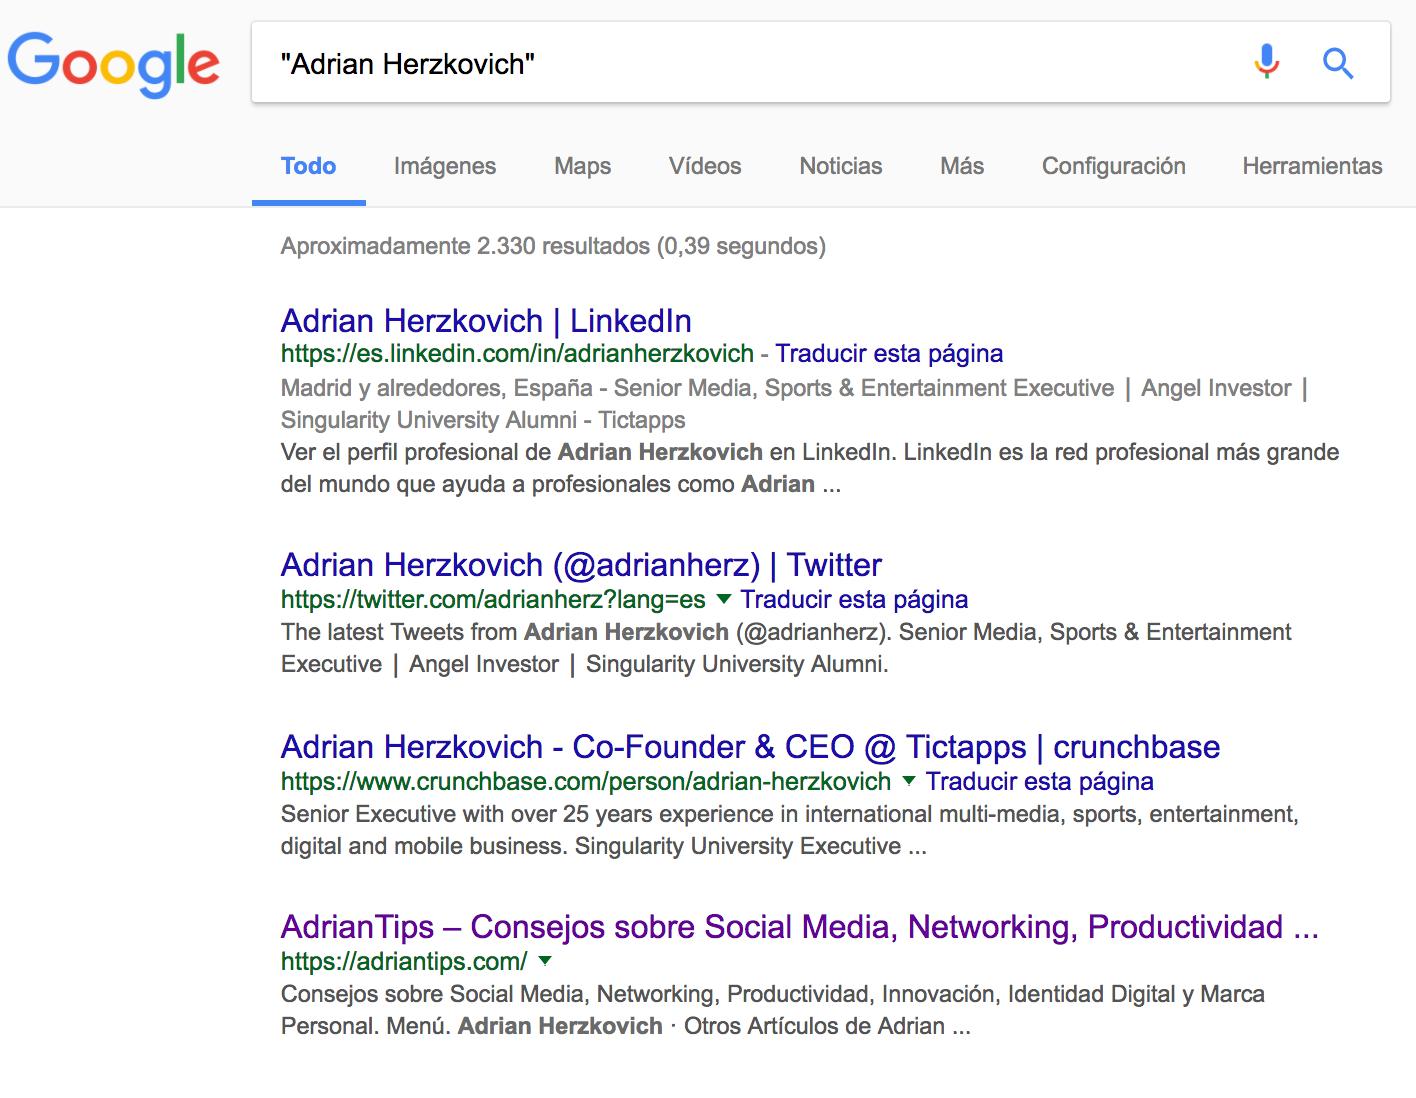 Adrian Herzkovich - Google - All